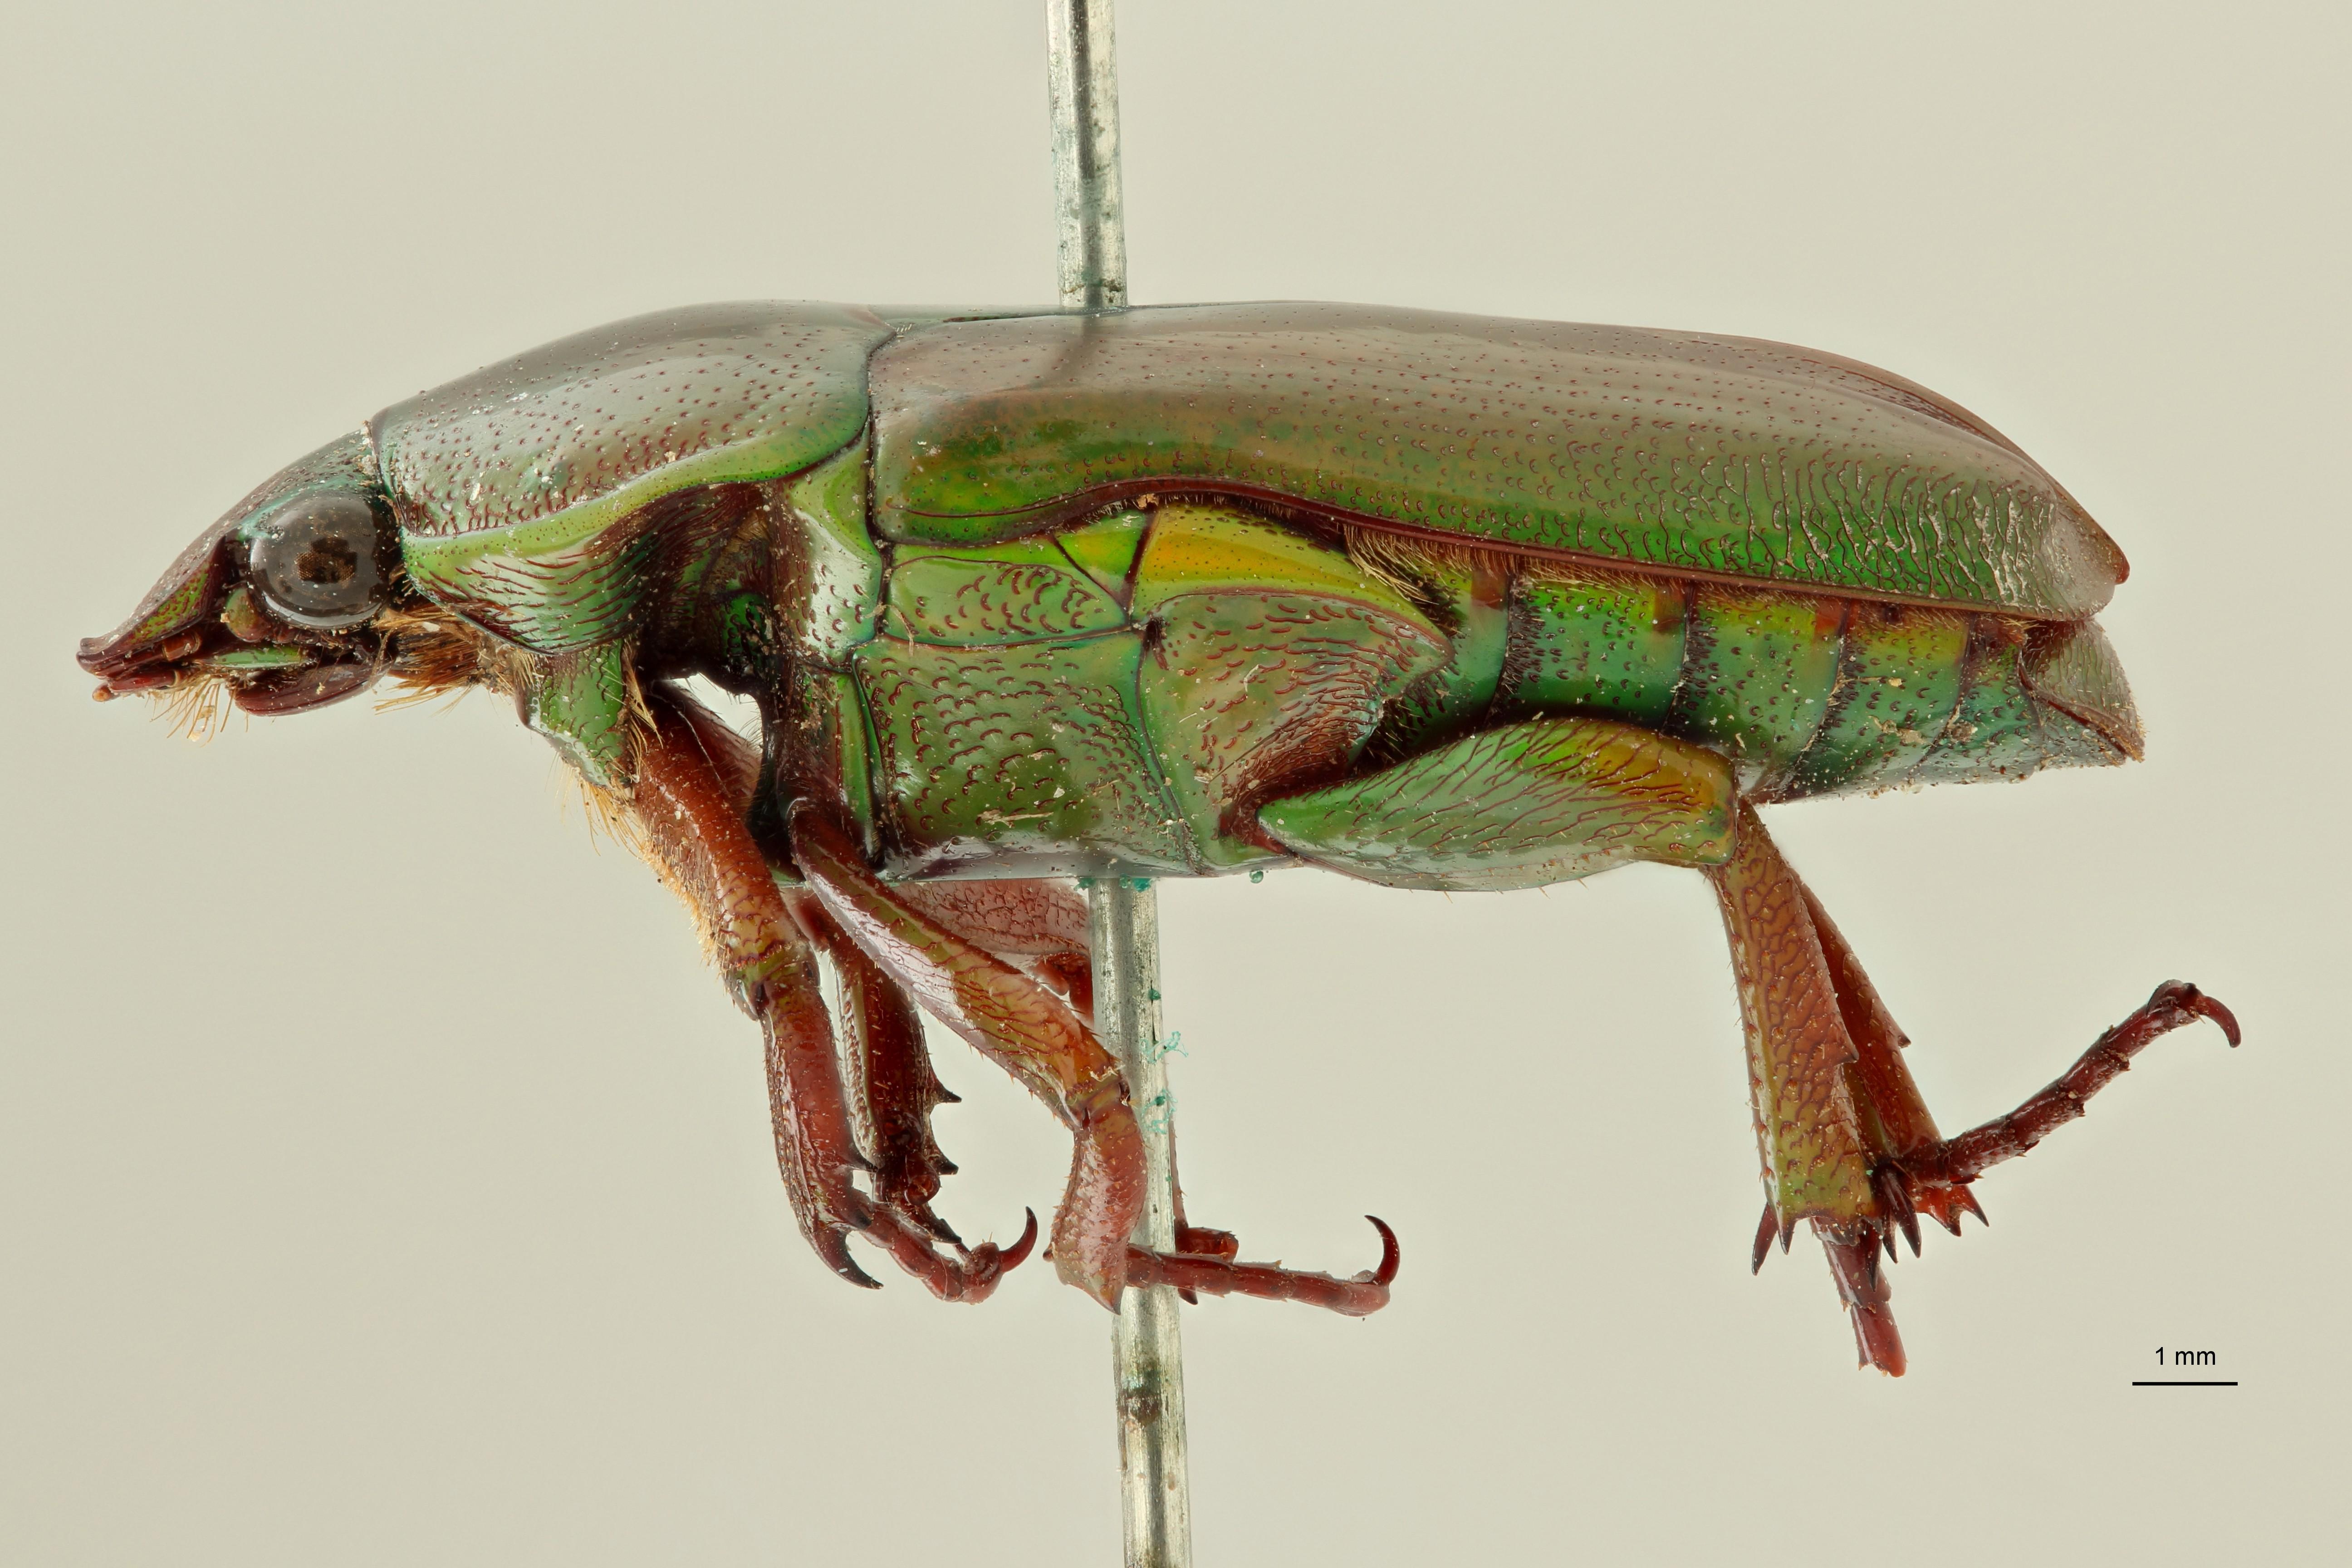 Tmesorrhina tridens t L ZS PMax Scaled.jpeg